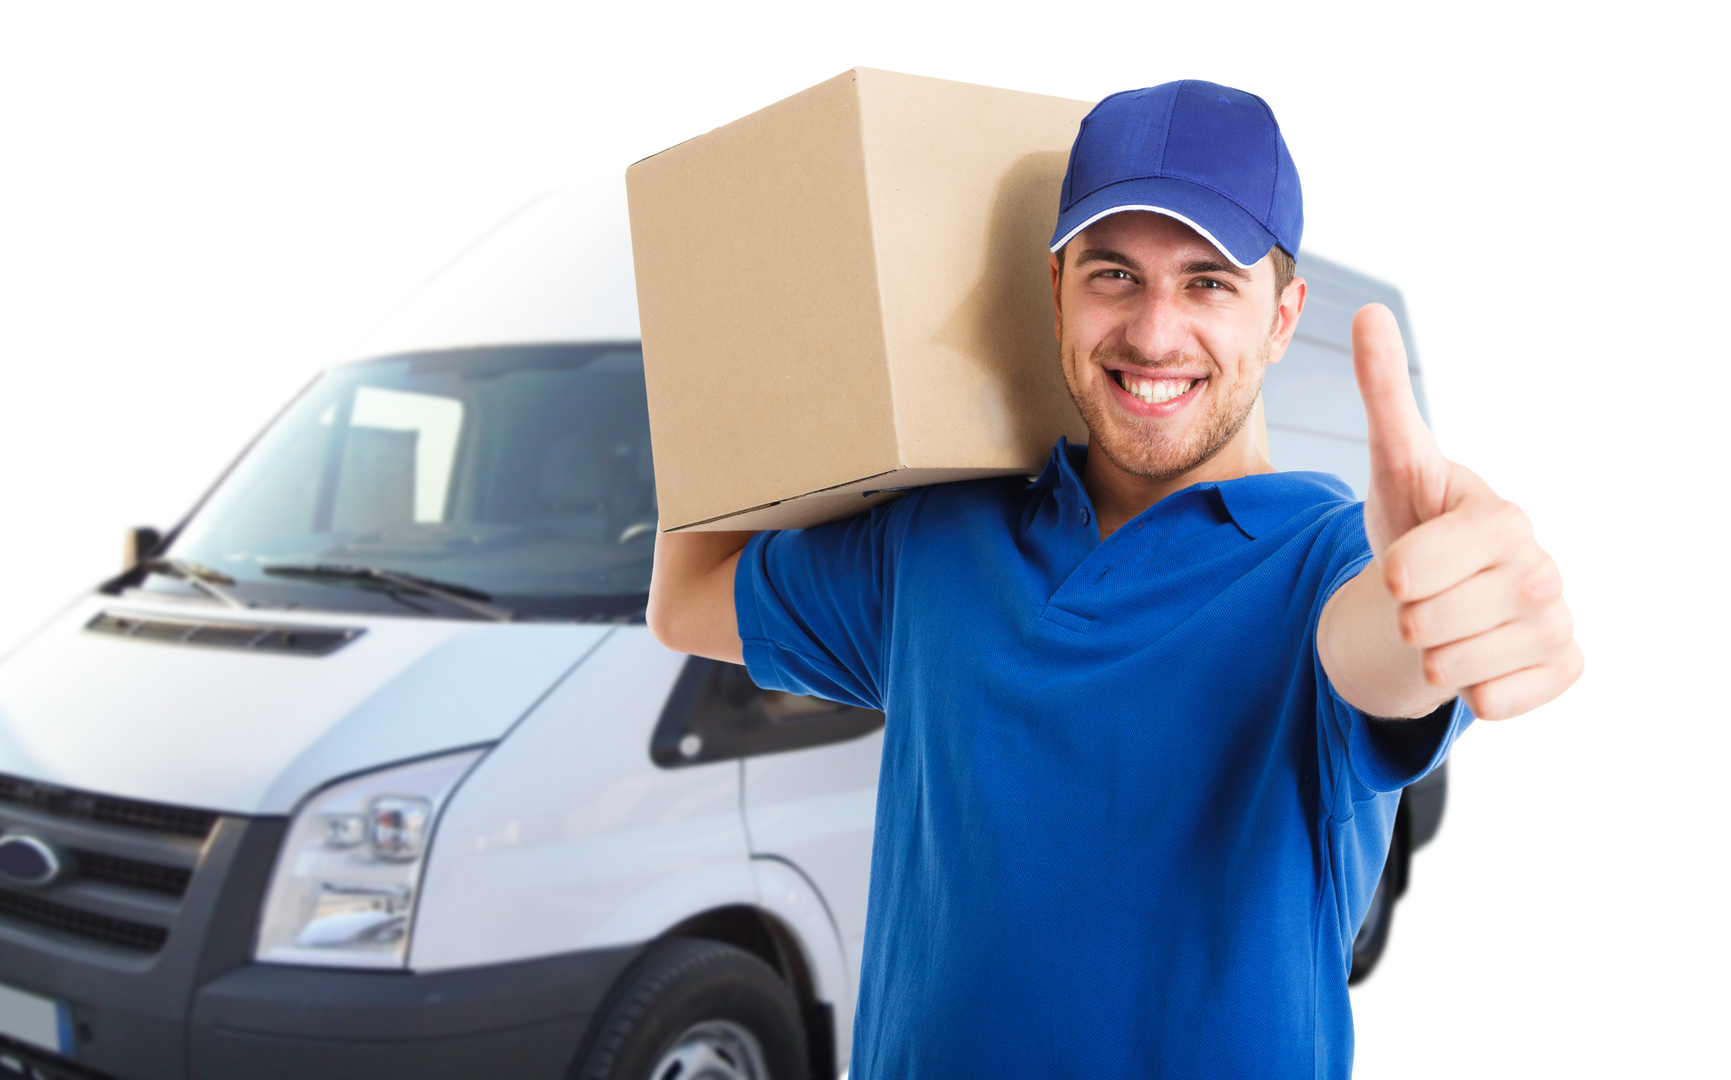 Курьерская доставка товаров для интернет-магазинов — лучший способ сэкономить на логистике